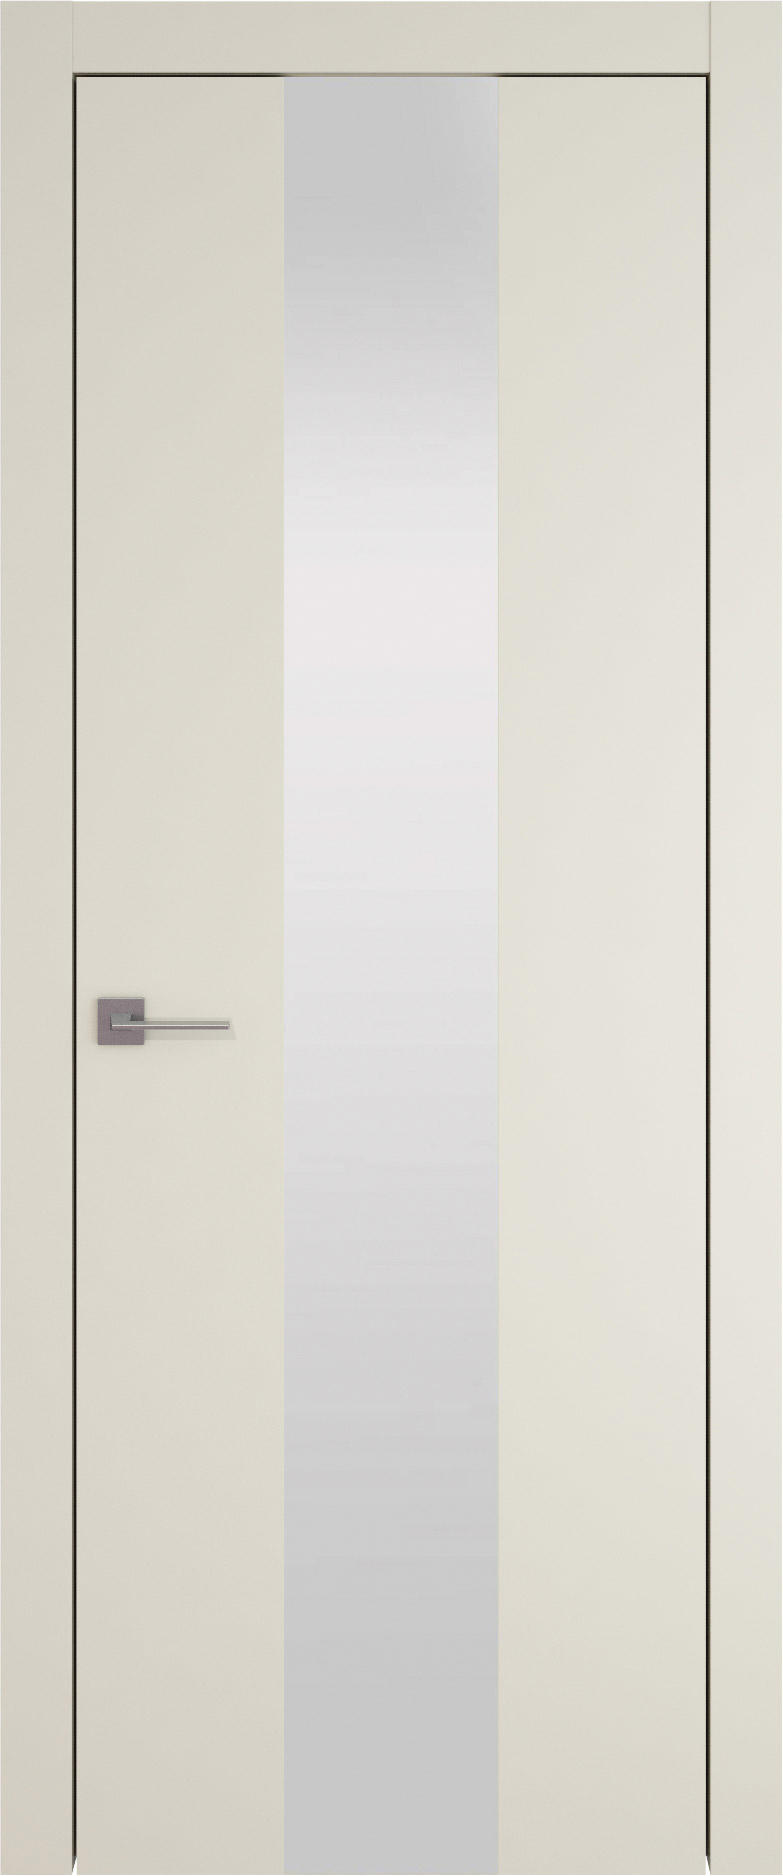 Tivoli Ж-1 цвет - Жемчужная эмаль (RAL 1013) Со стеклом (ДО)